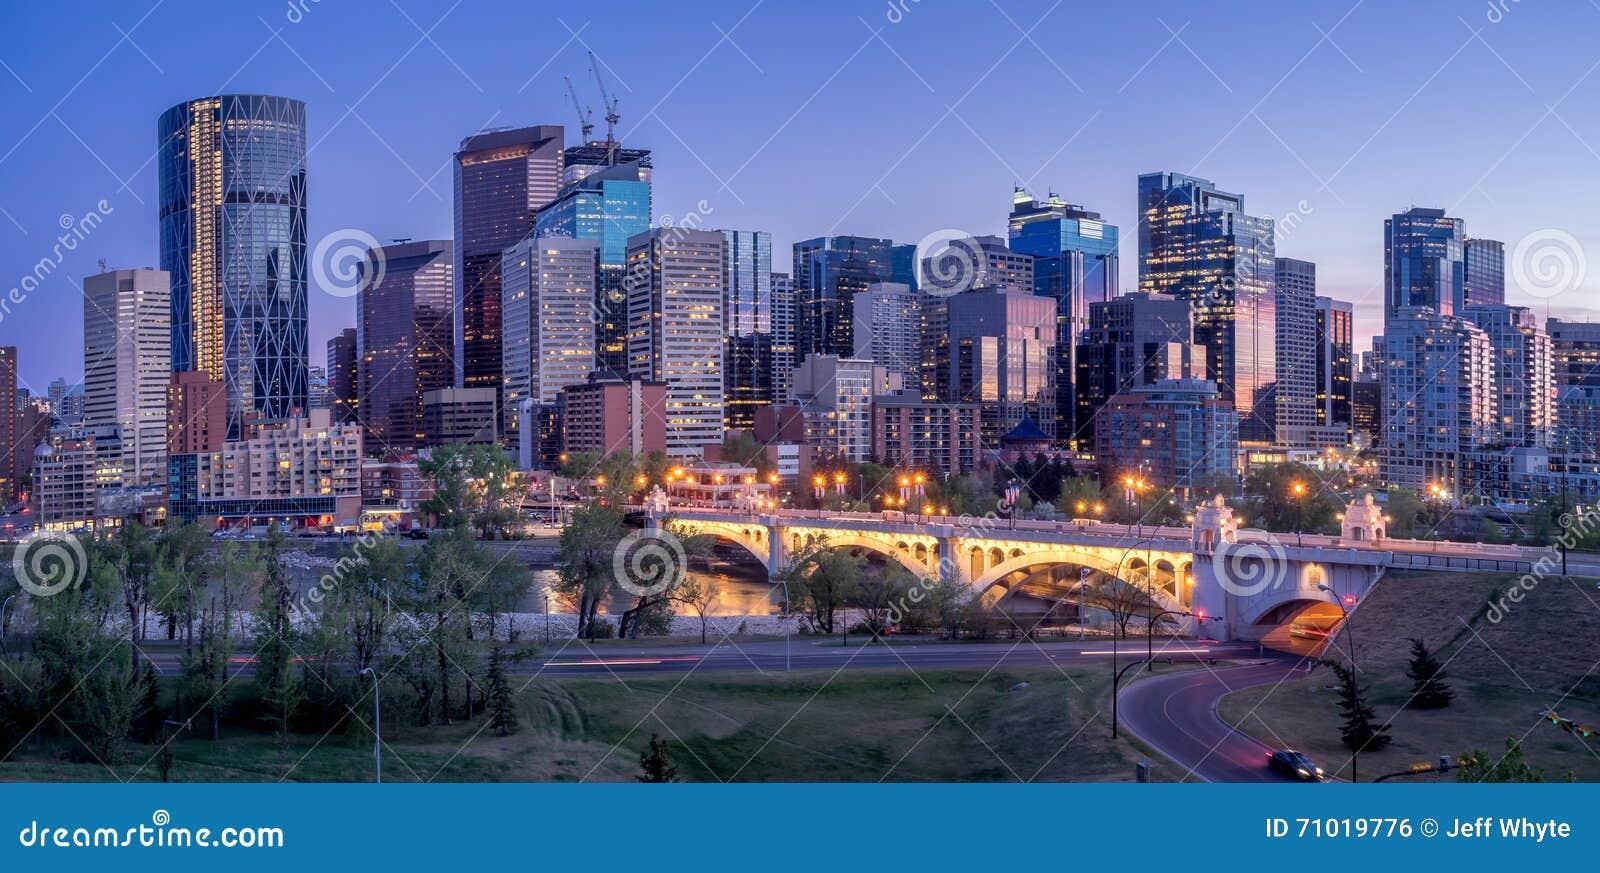 Night cityscape of Calgary, Canada